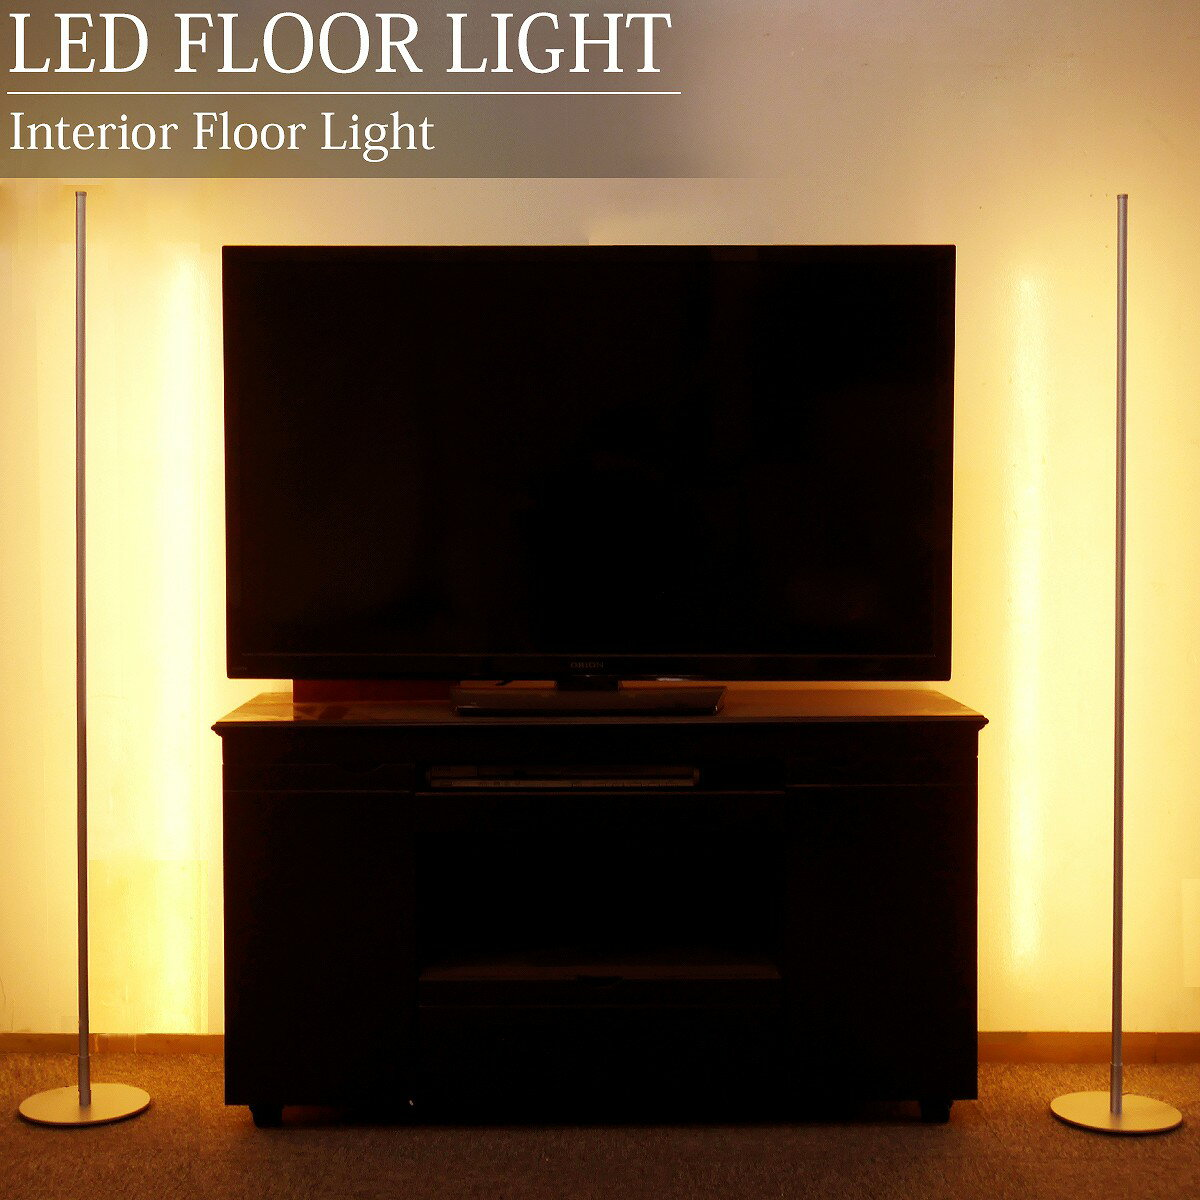 LED フロアライト フロアランプ 間接照明 スタンドライト インテリア 寝室 リビング 居間 北欧 デザイナー 照明 おしゃれ 単品 FL-02SLD